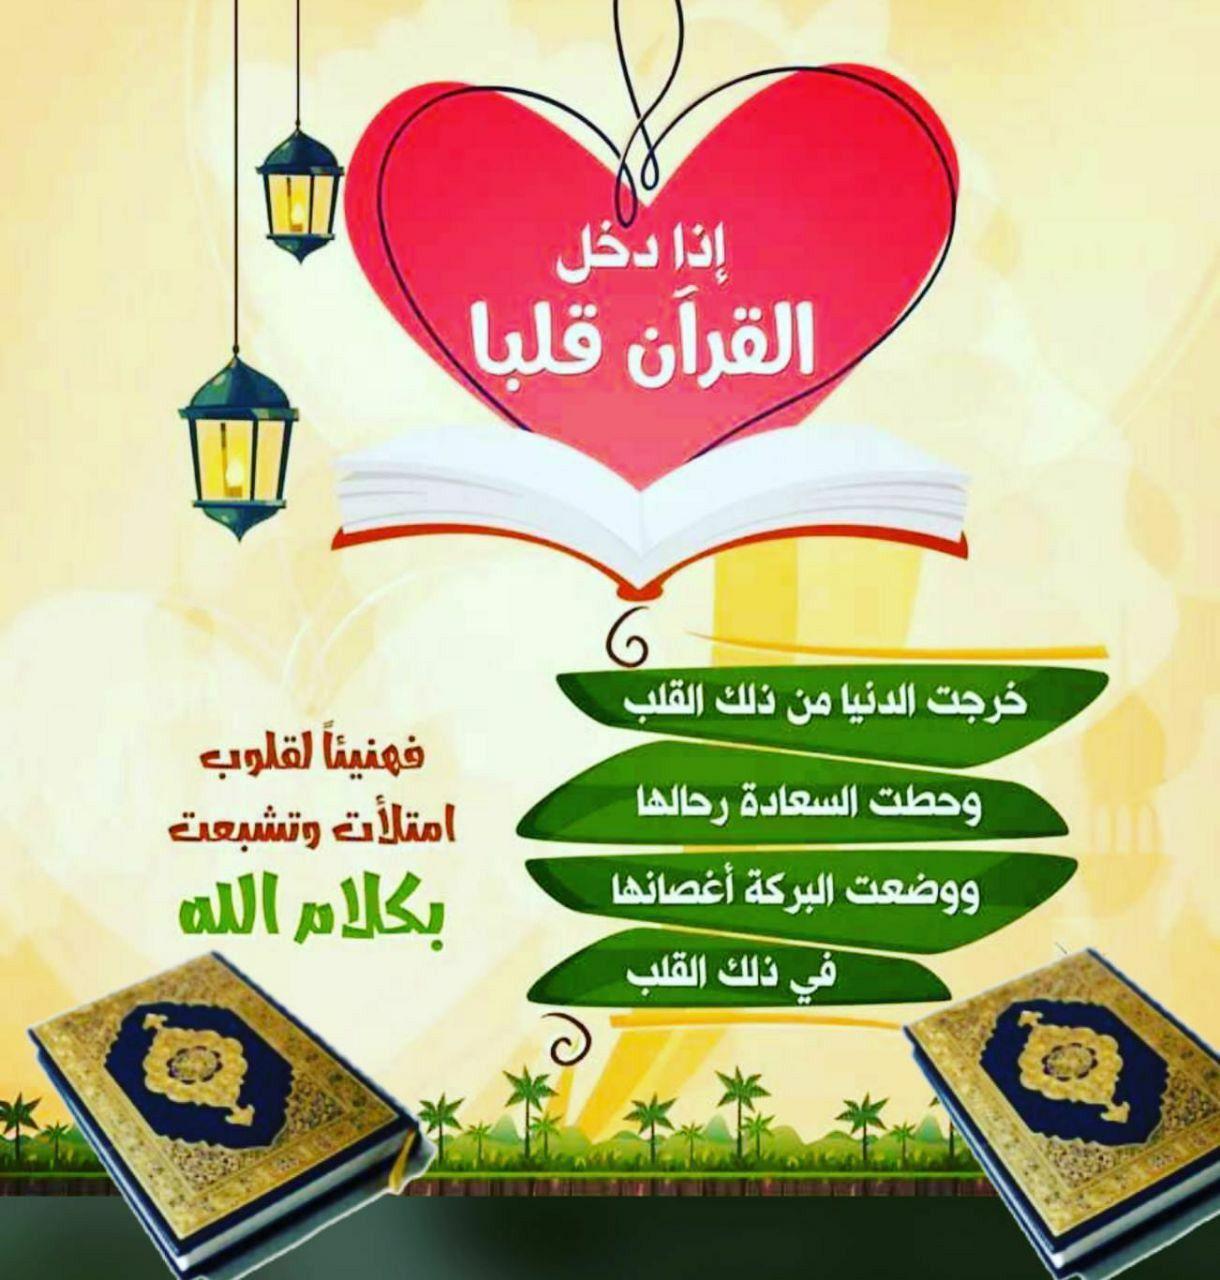 Pin By الراجية عفو ربها On اللهم اجعل القرآن ربيع قلوبنا Arabic Quotes Quotes Calm Artwork